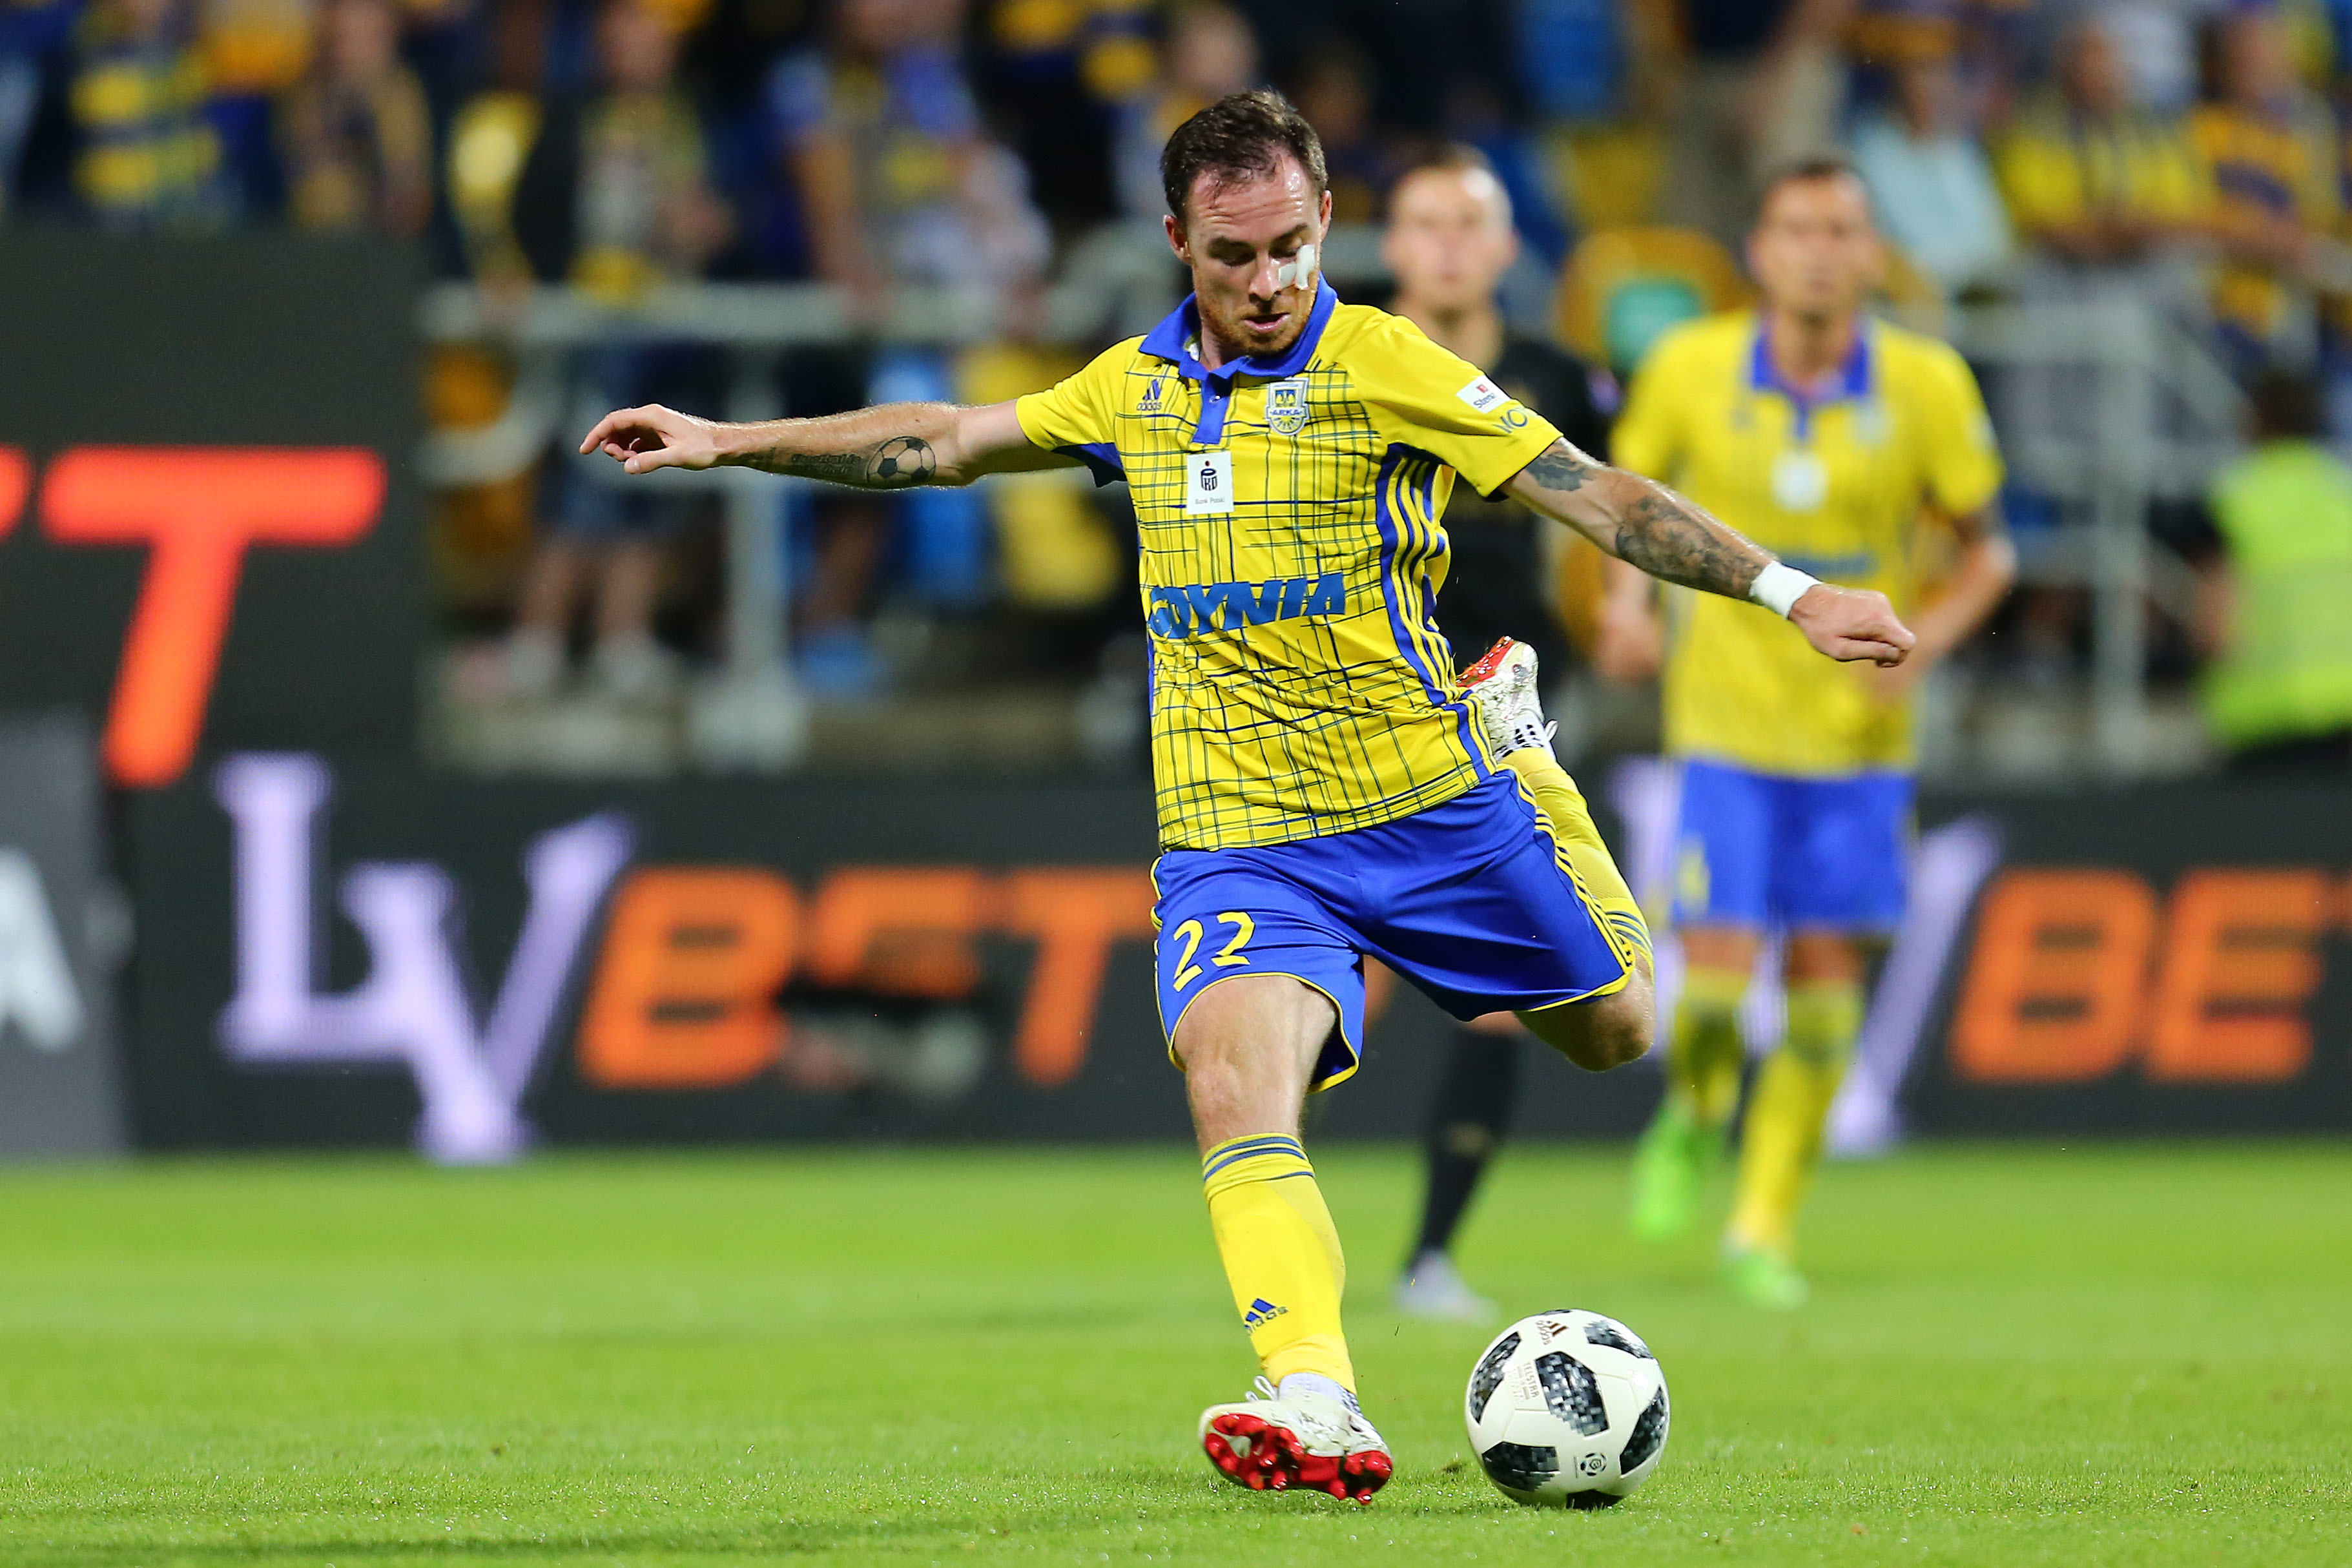 Arka Gdynia 2017 – pamiętacie, kto wygrał Puchar Polski?